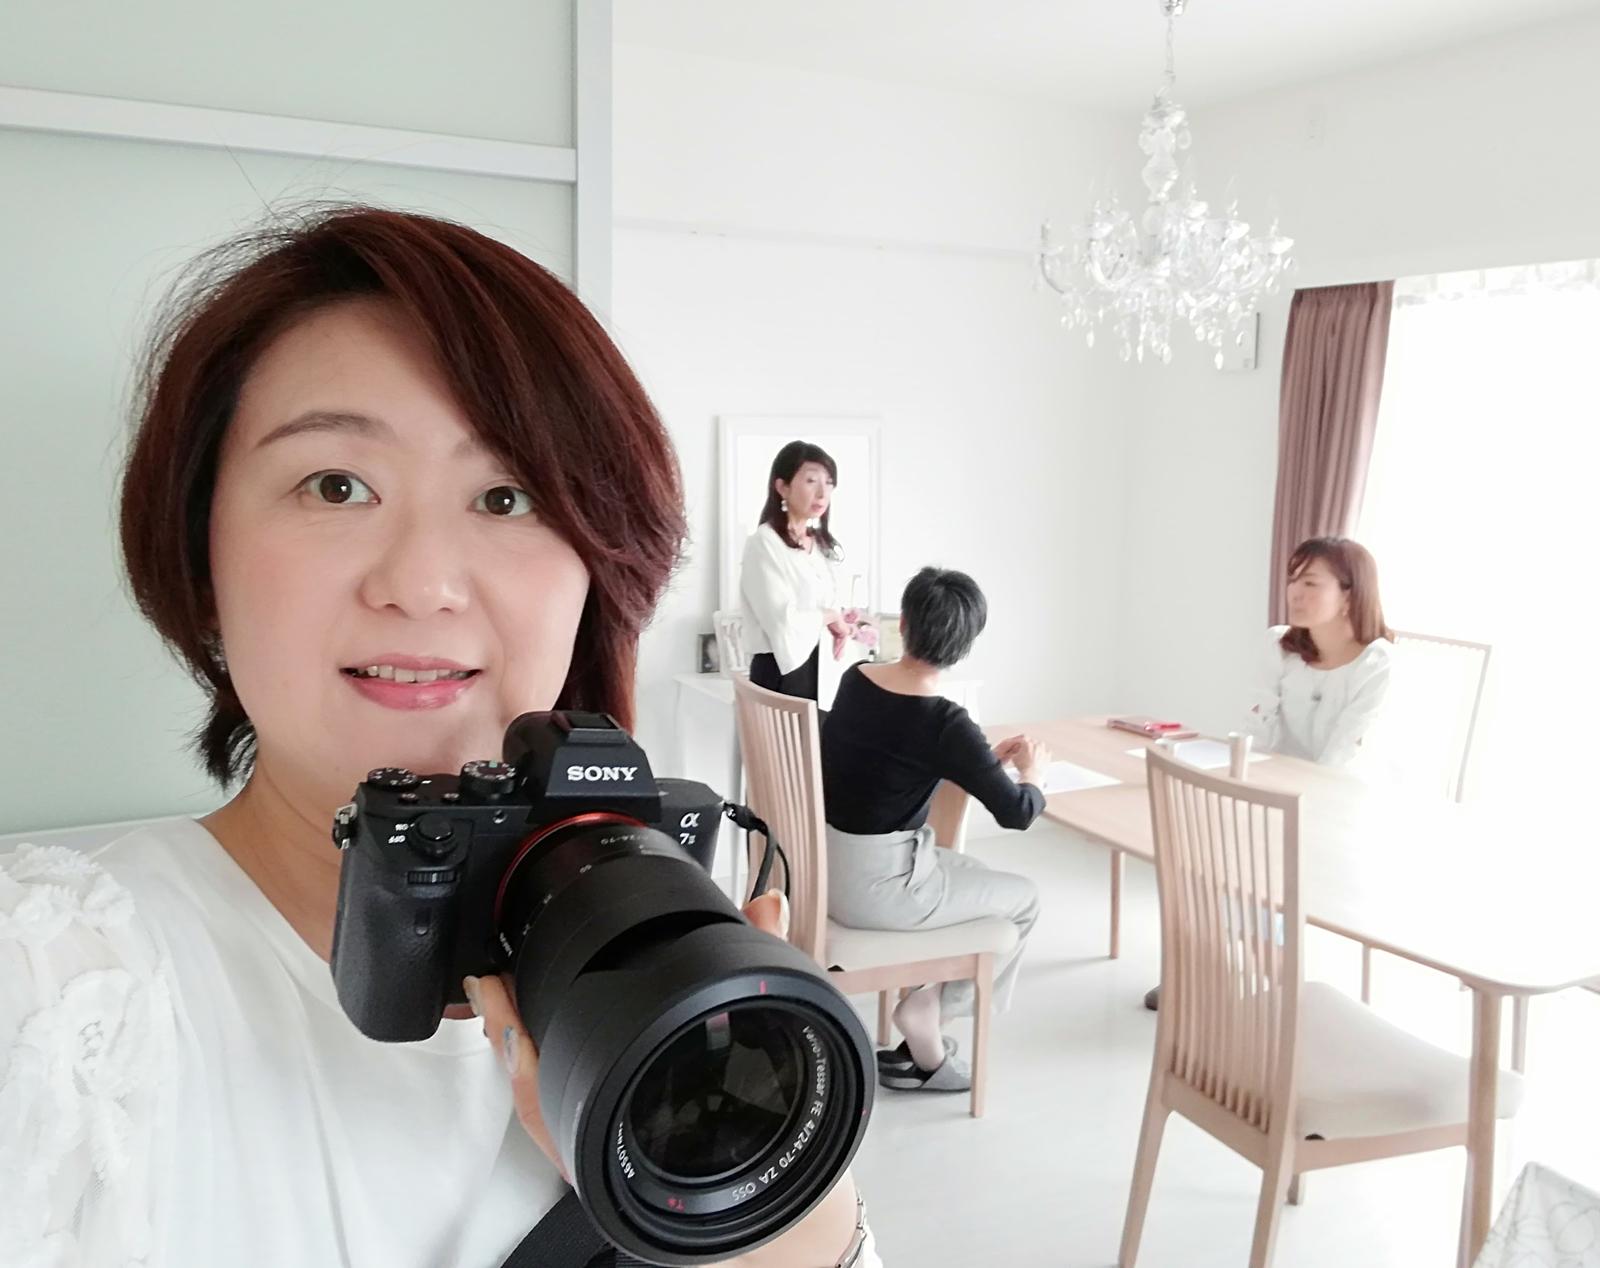 カメラマン ウェブ集客 ブロガー おひとり起業サポート